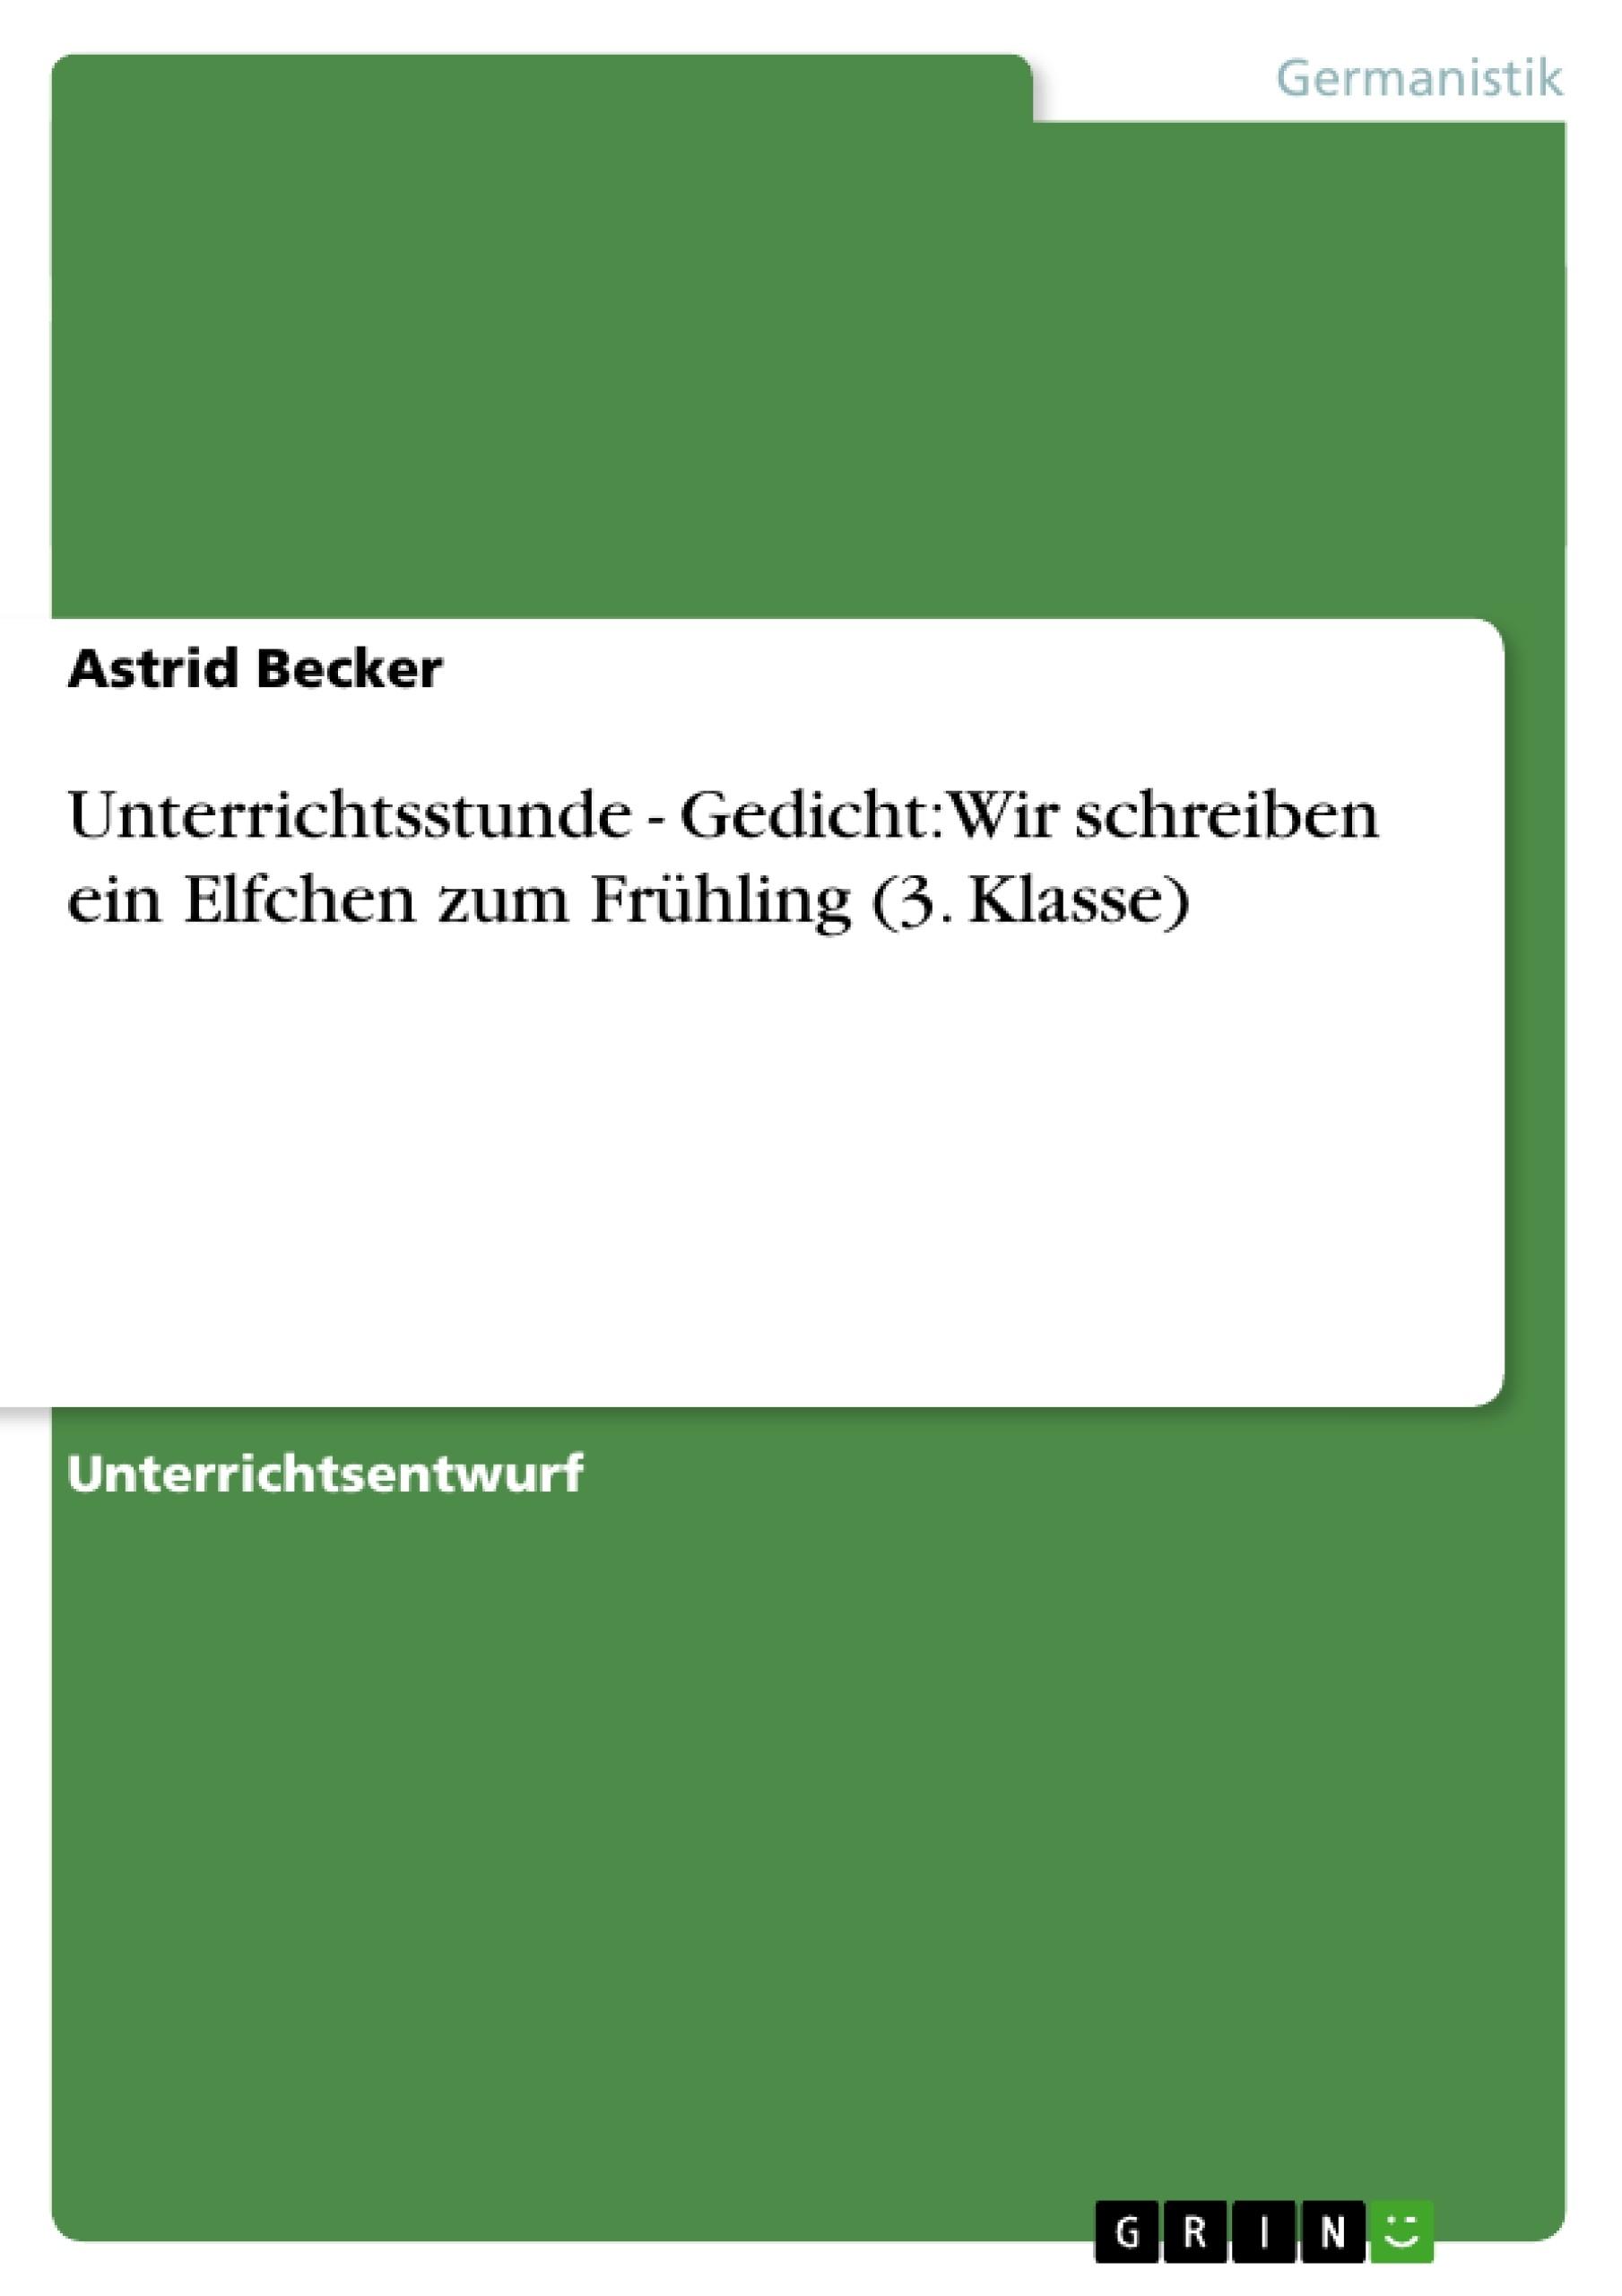 Titel: Unterrichtsstunde - Gedicht: Wir schreiben ein Elfchen zum Frühling (3. Klasse)